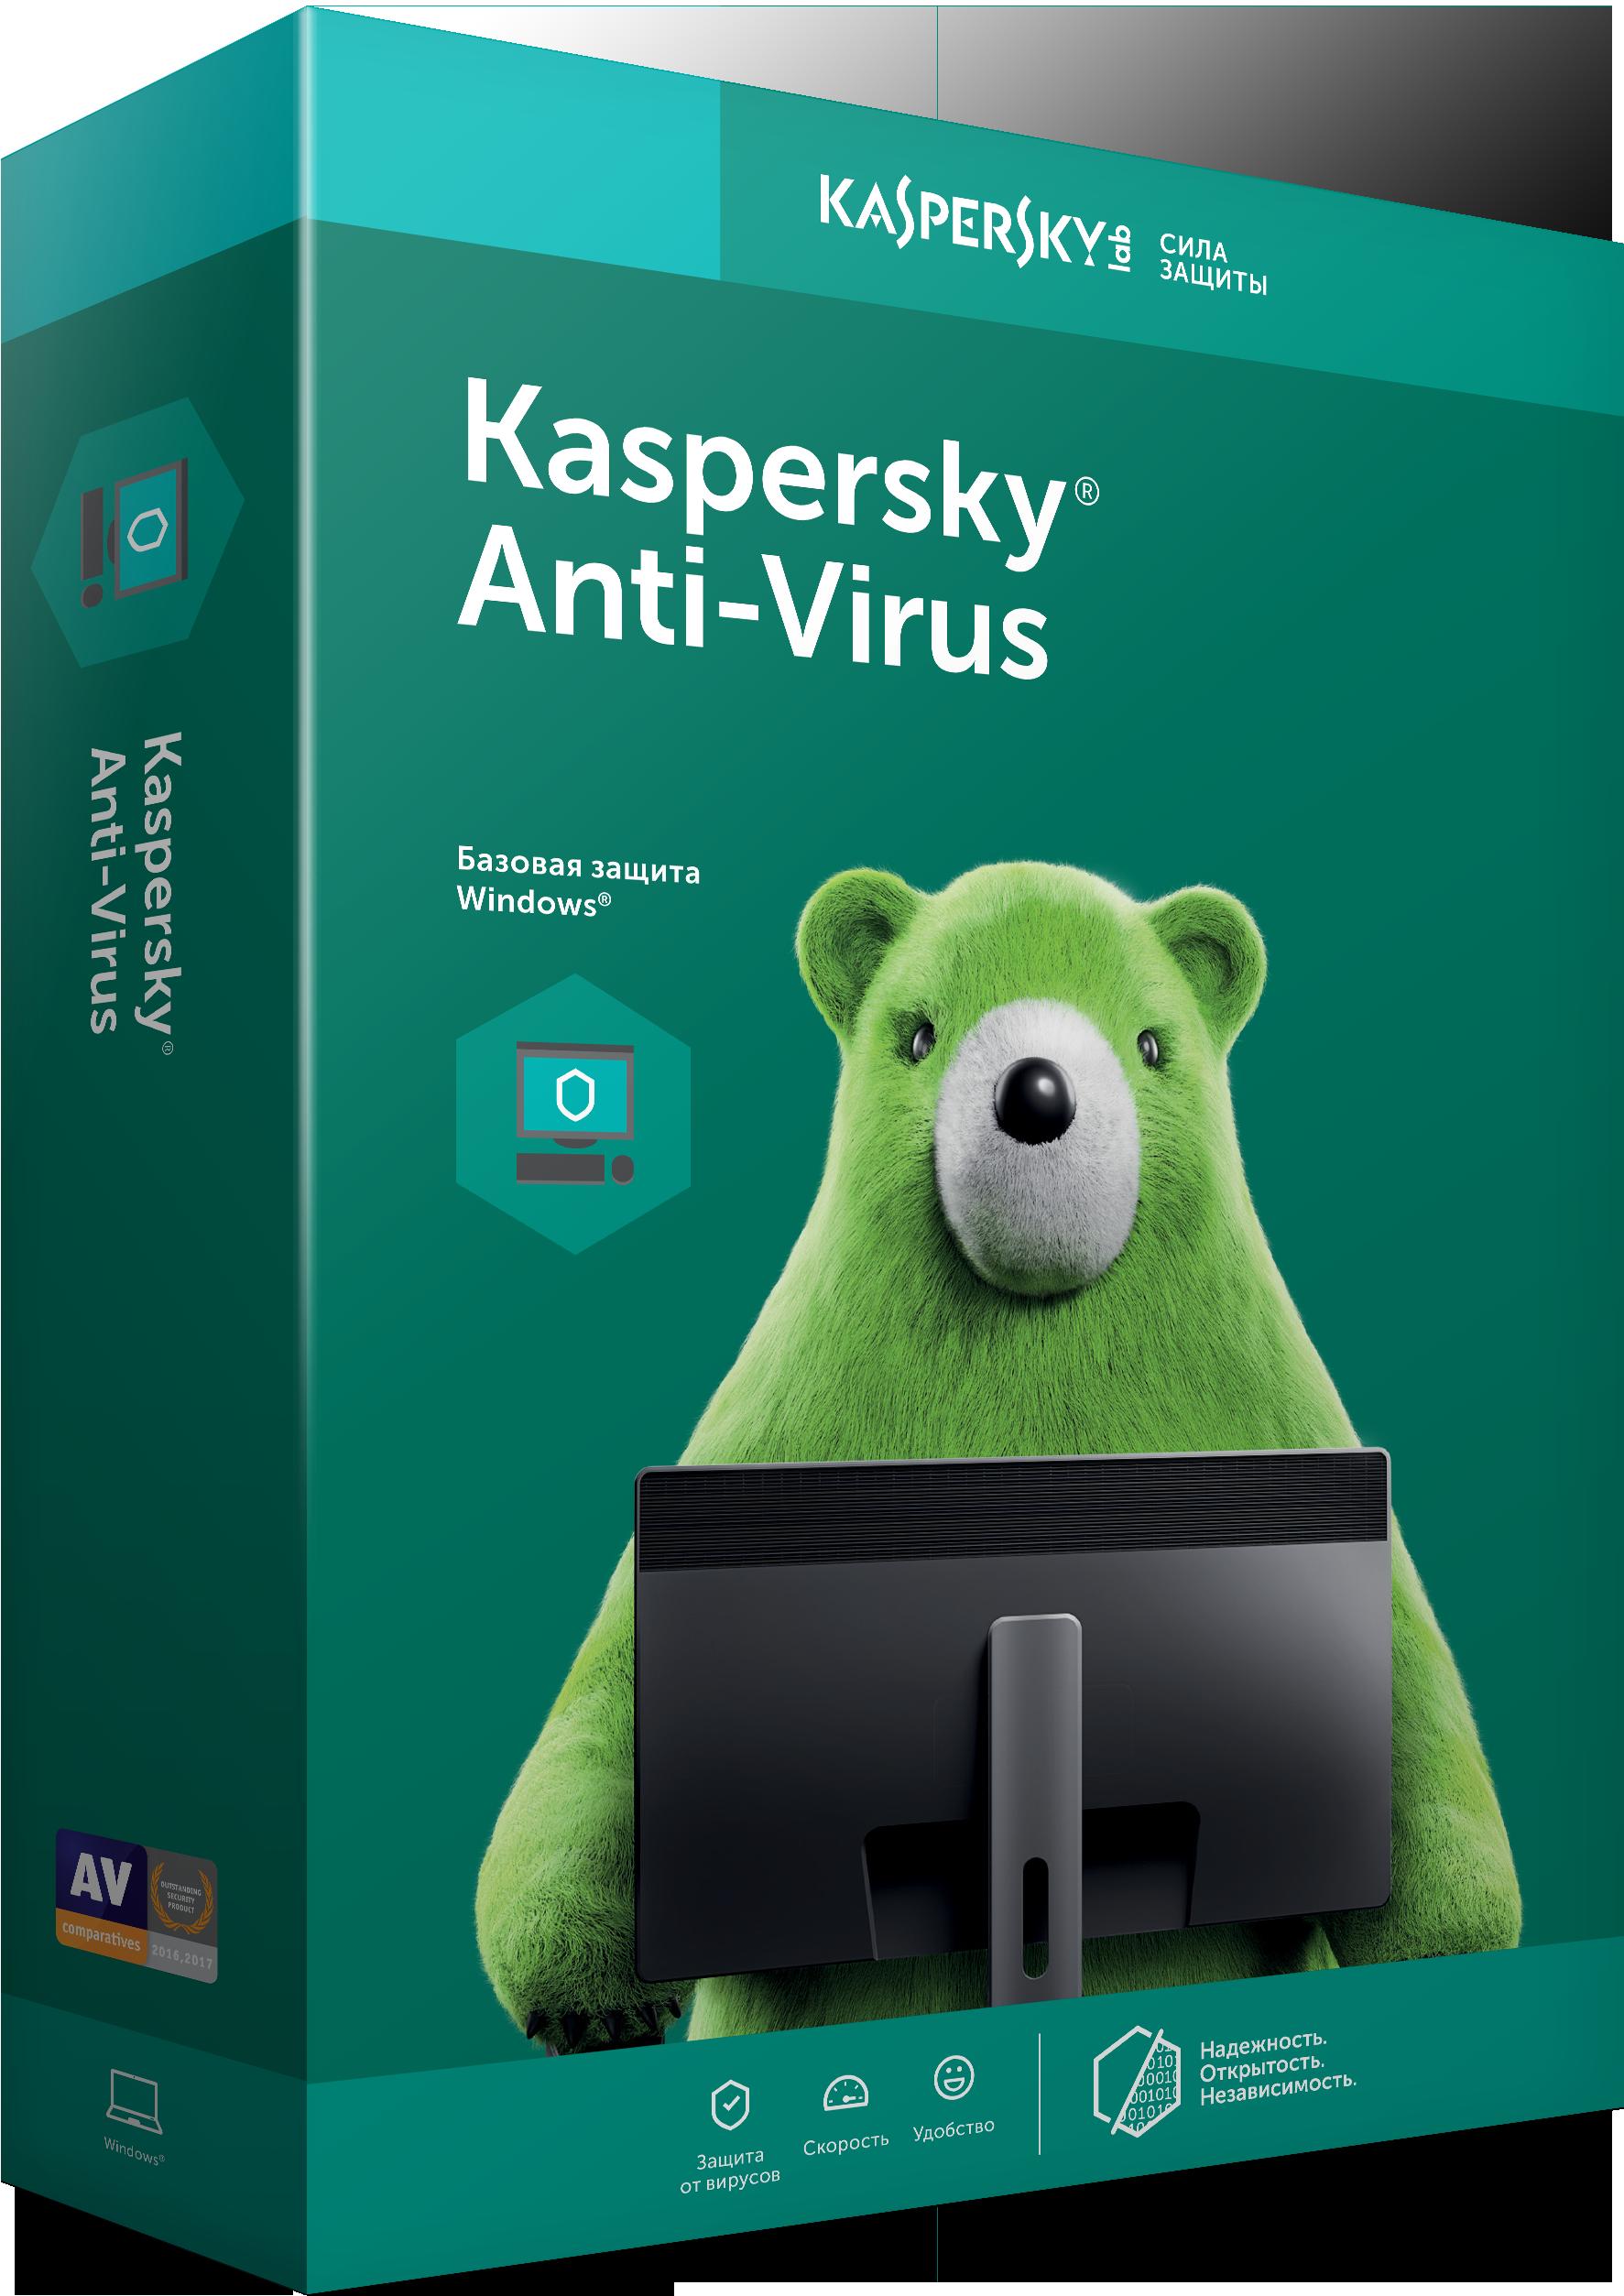 Как удалить антивирус Касперского с компьютера: способы